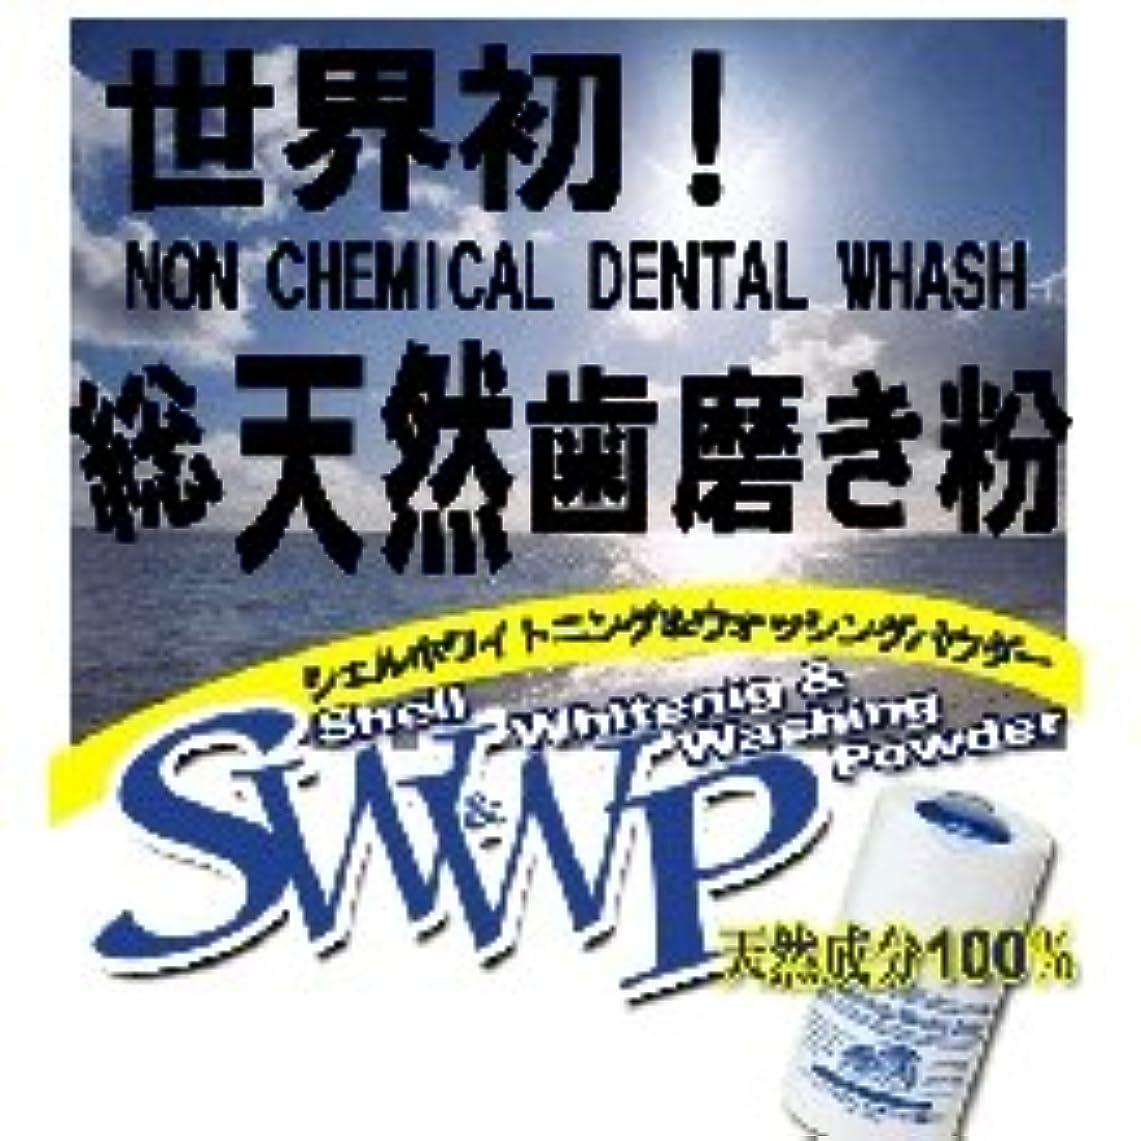 物理的に用語集宅配便Shell Whitening & Whashing Powder シェルホワイトニングパウダー